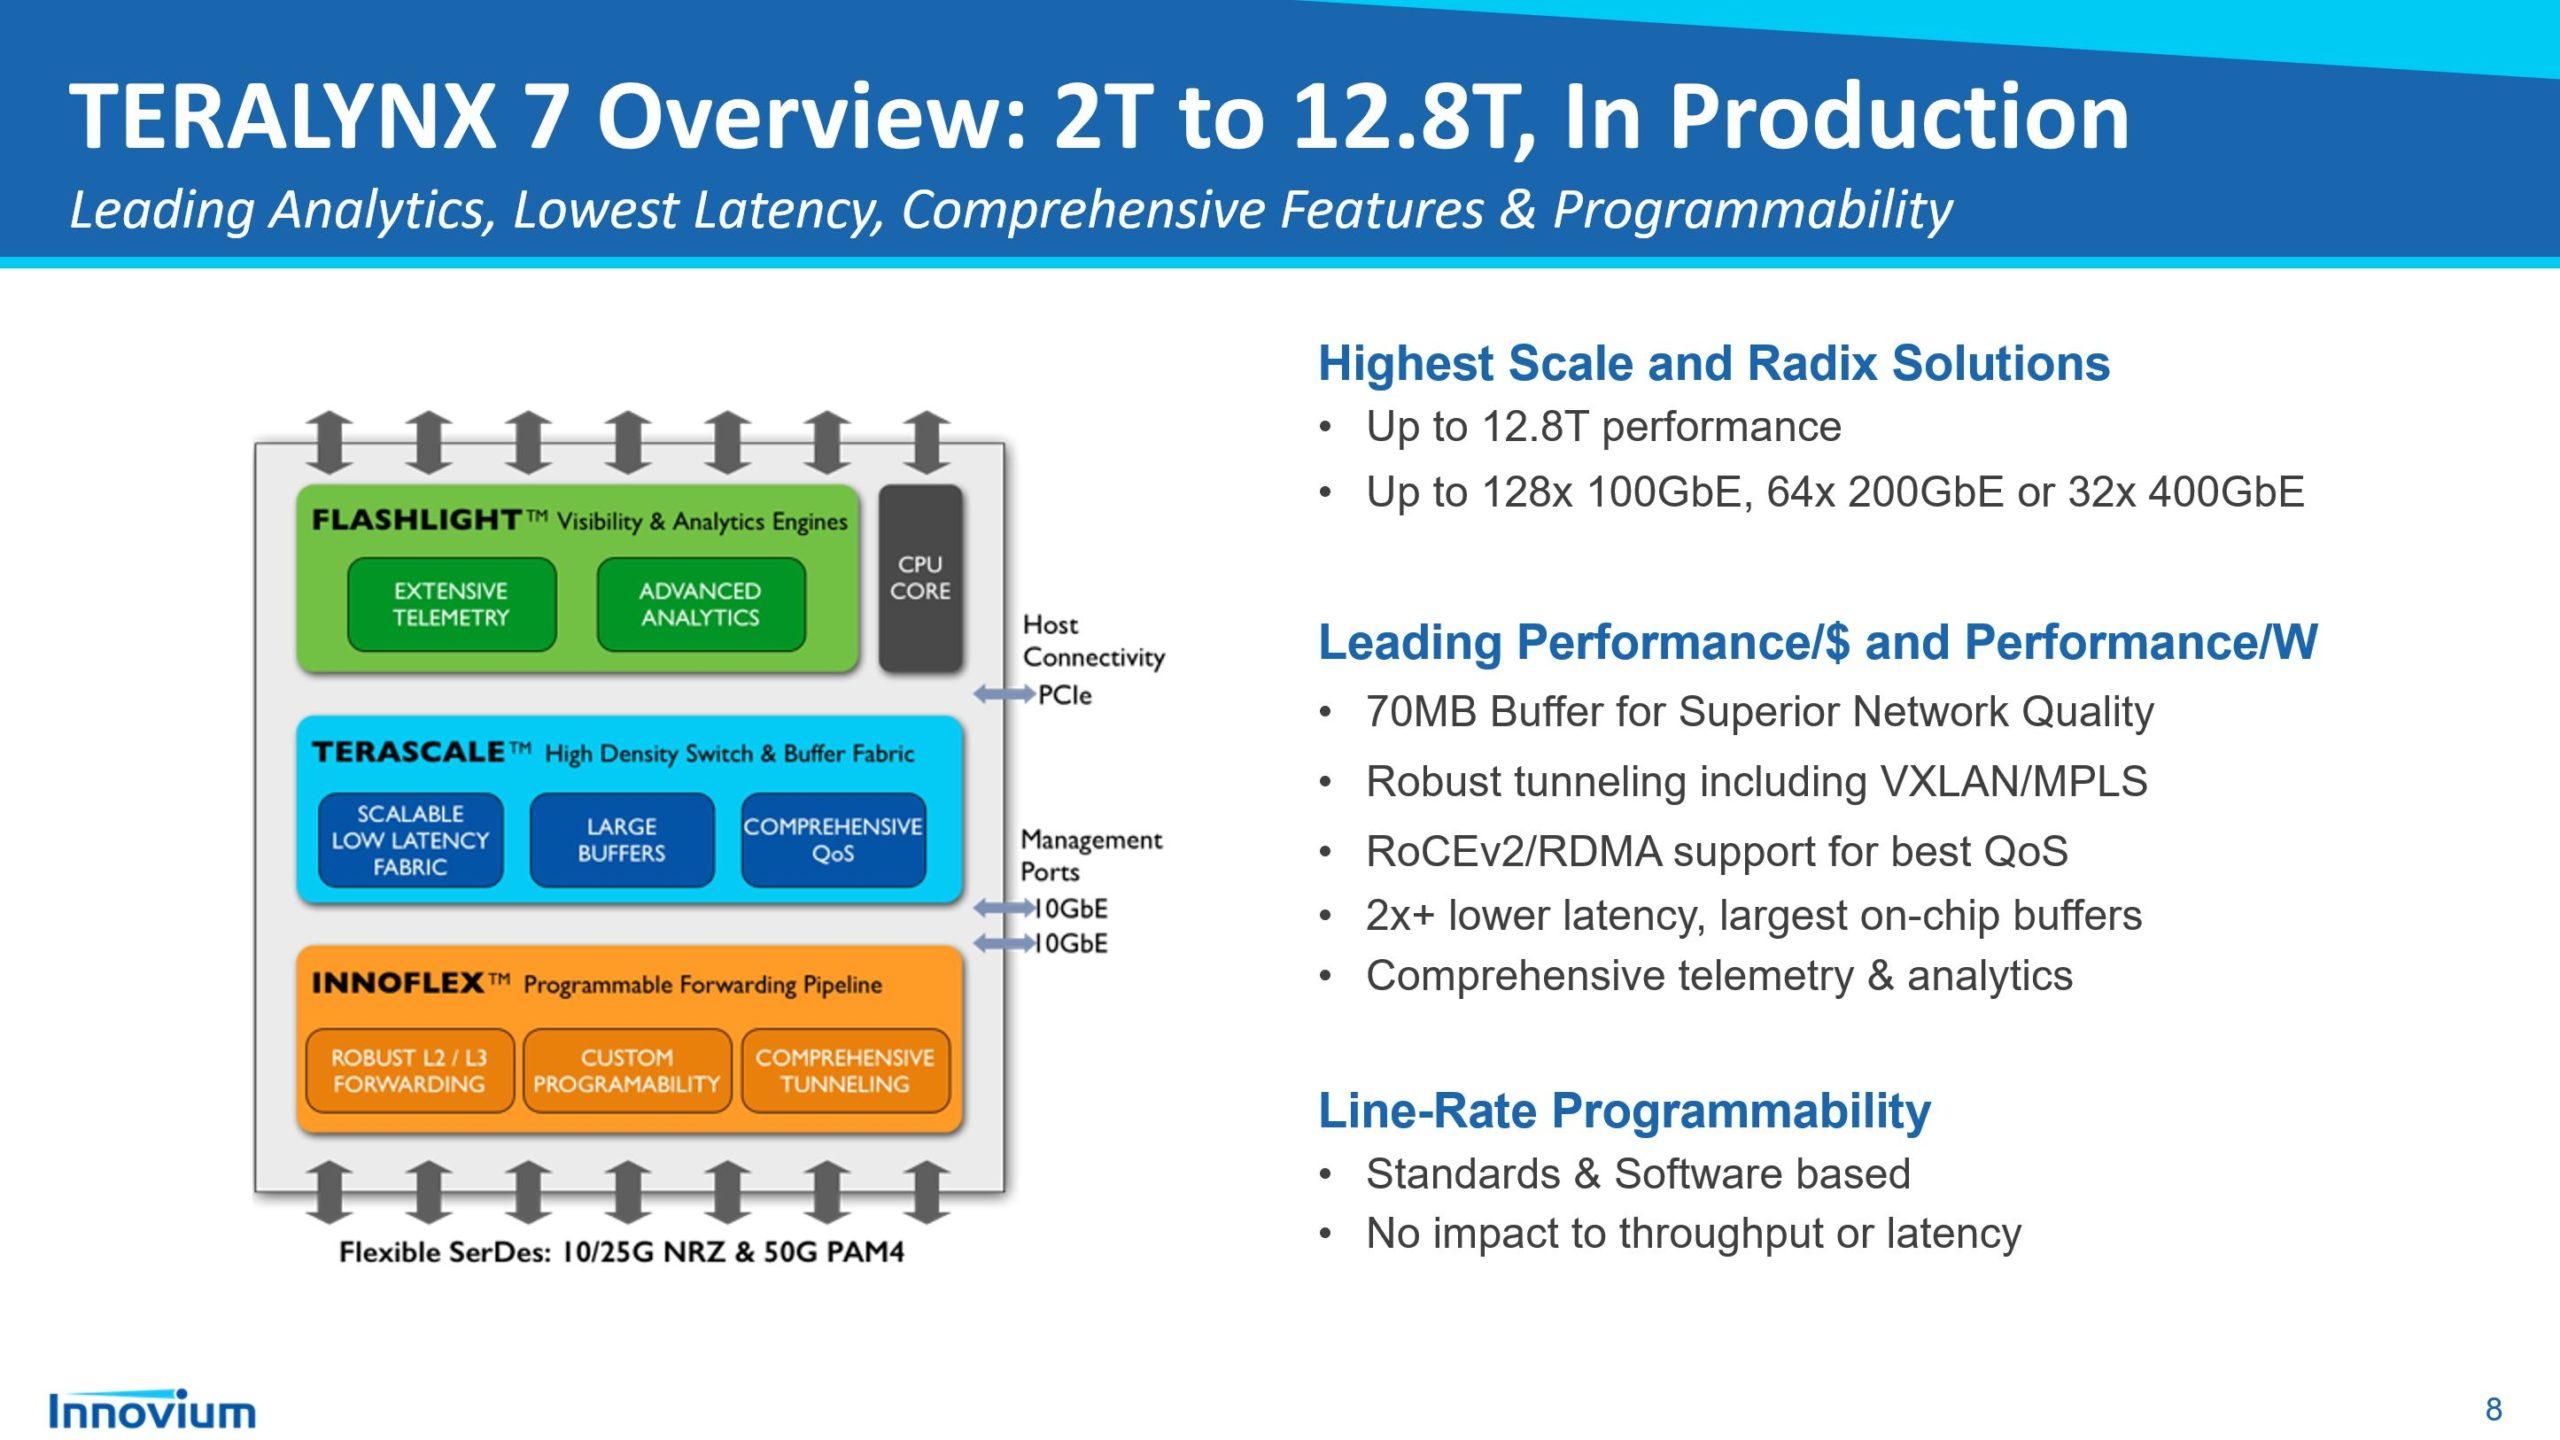 Innovium Teralynx 7 Features